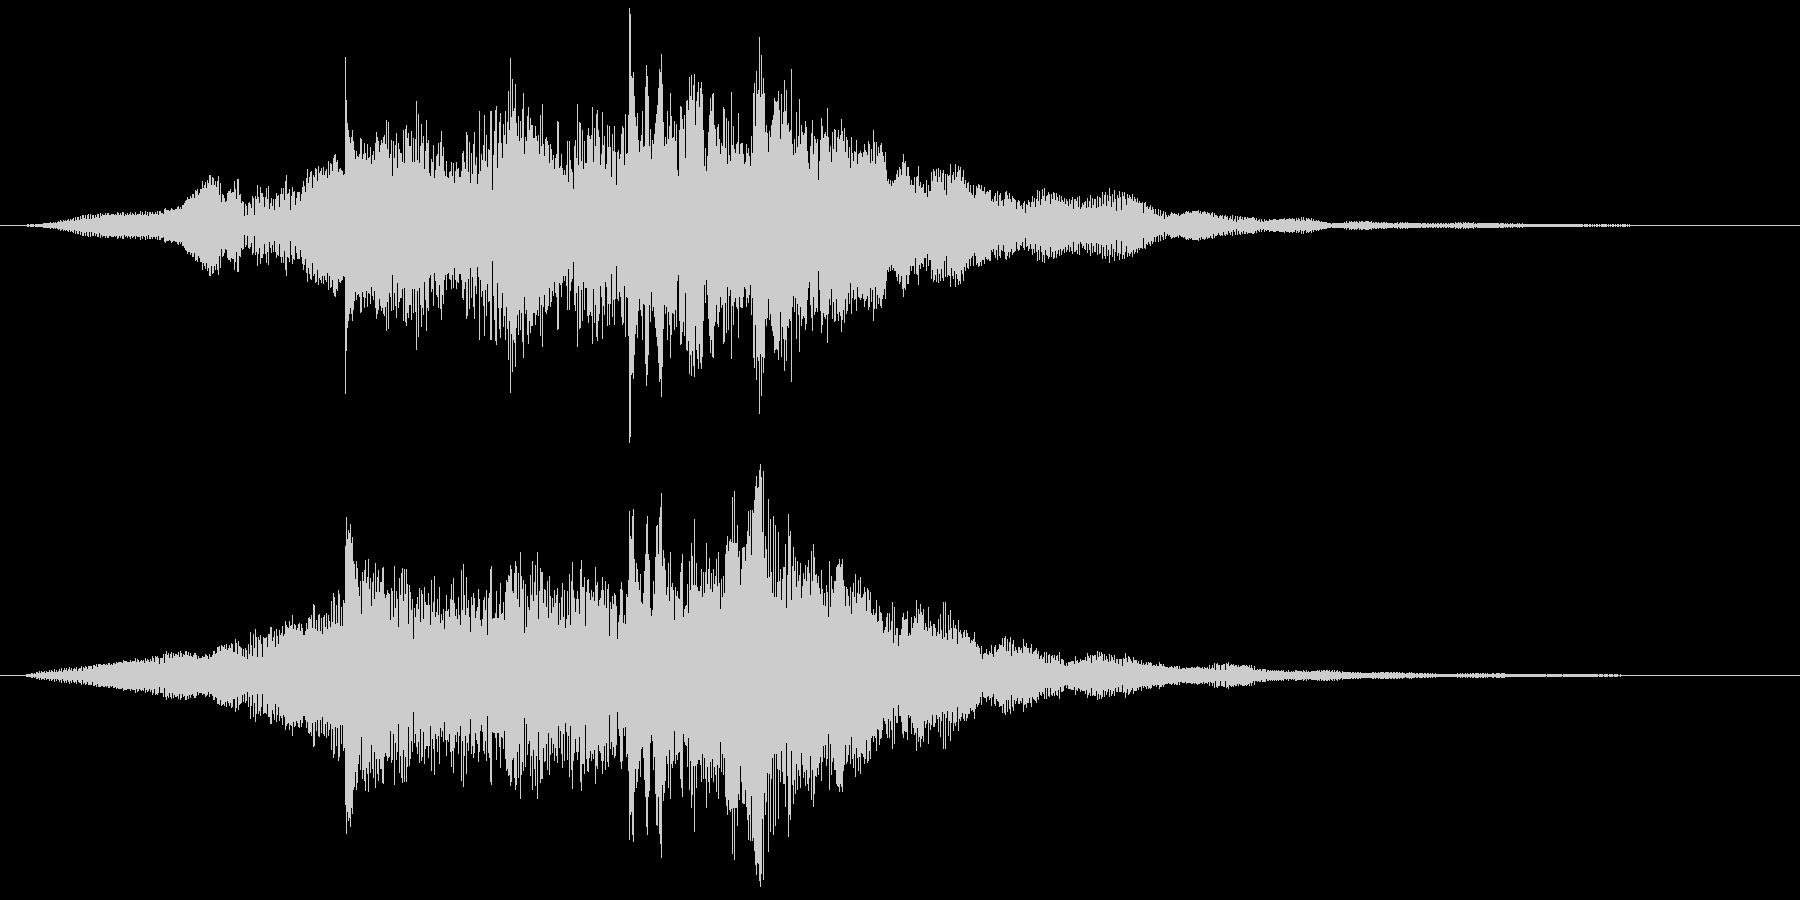 サウンド・ロゴ4、企業、コンテンツ Cの未再生の波形